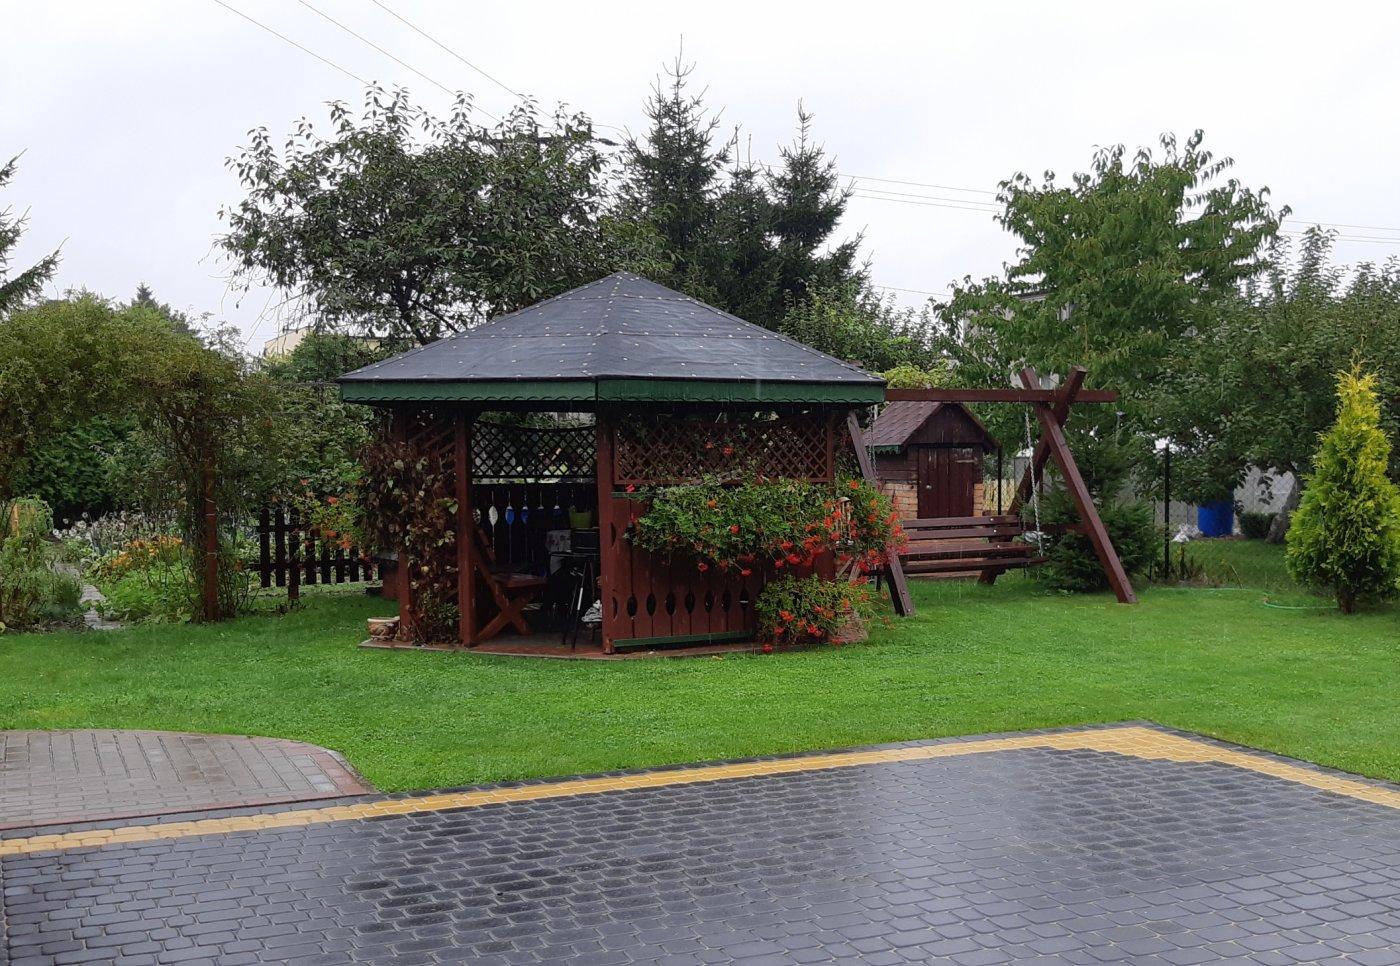 Przy domu:  altana, huśtawka, widoczna część ogrodu. Posesja  utwardzona kostka brukową.